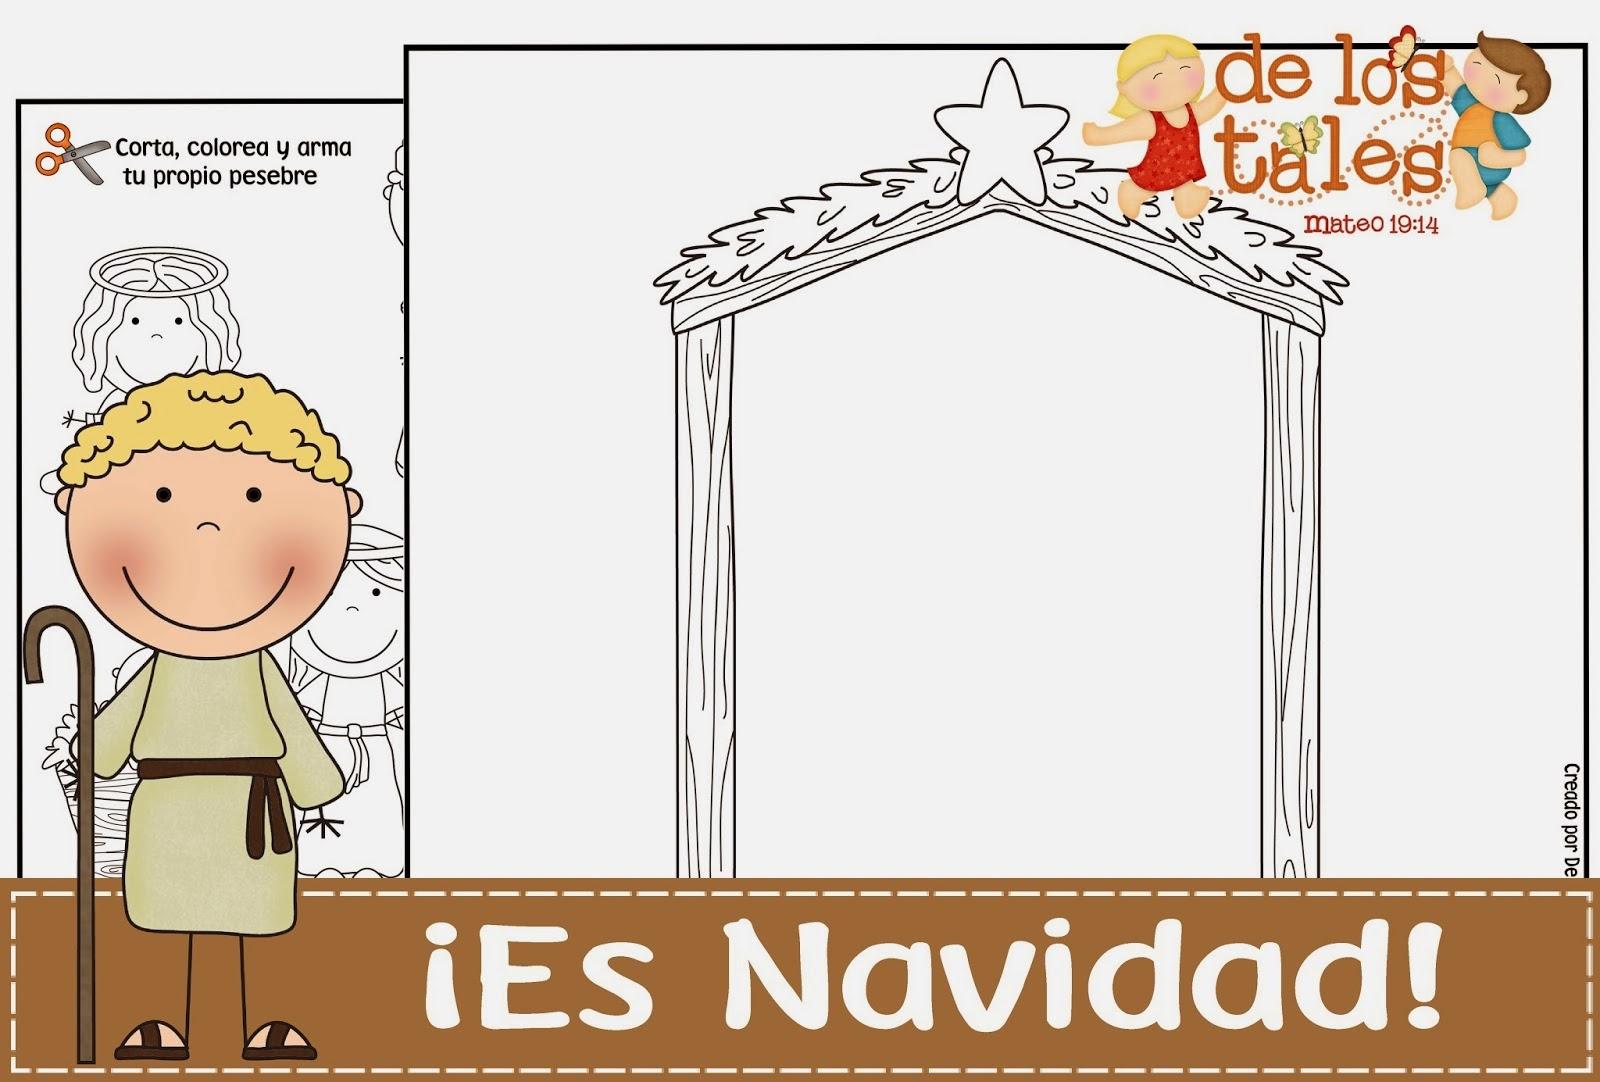 http://delostales.blogspot.com/2014/12/navidad-arma-la-escena.html